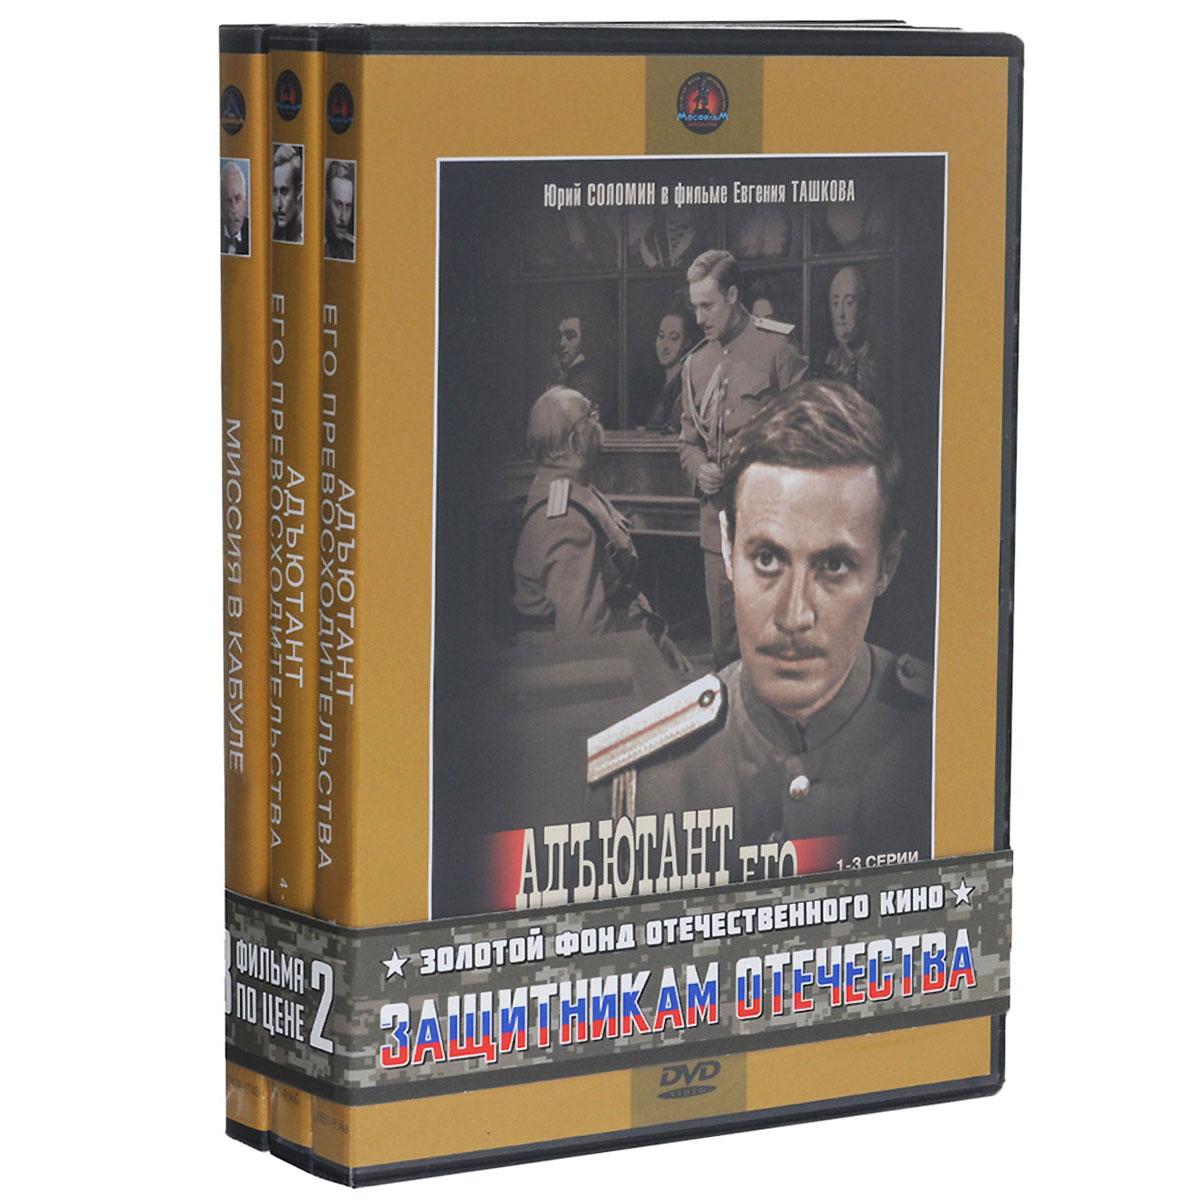 Фото - Защитникам отечества: Адъютант его превосходительства. 1-5 серии 2DVD / Миссия в Кабуле. 1-2 серии (3 DVD) защитникам отечества тасс уполномочен заявить 1 1 серии 4 dvd